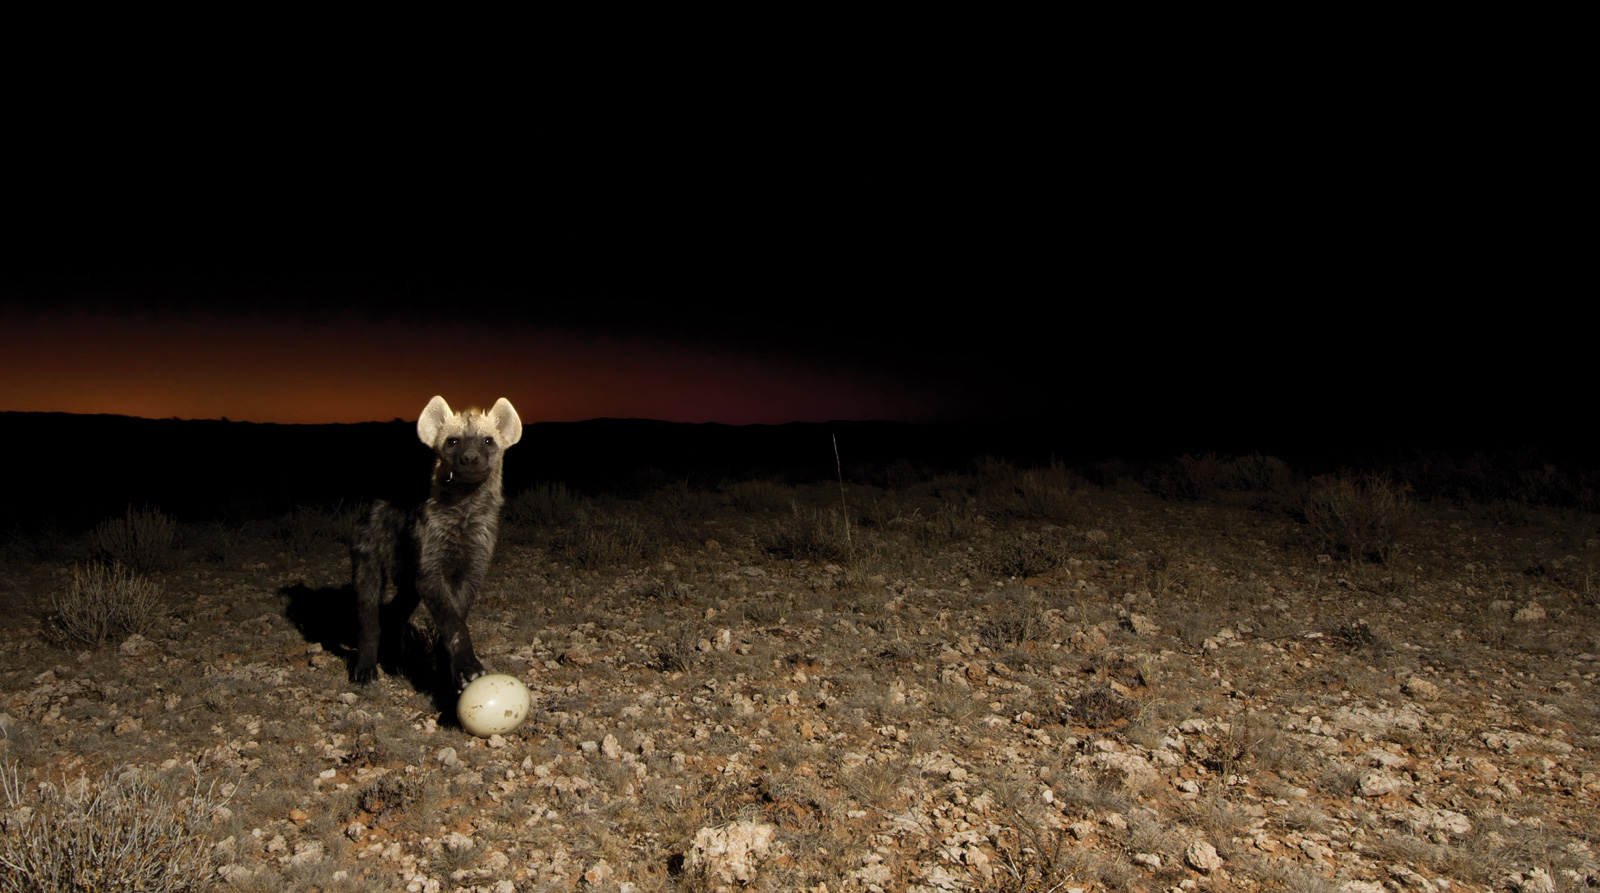 Hannes-Lochner-Kalahari-hyena-egg